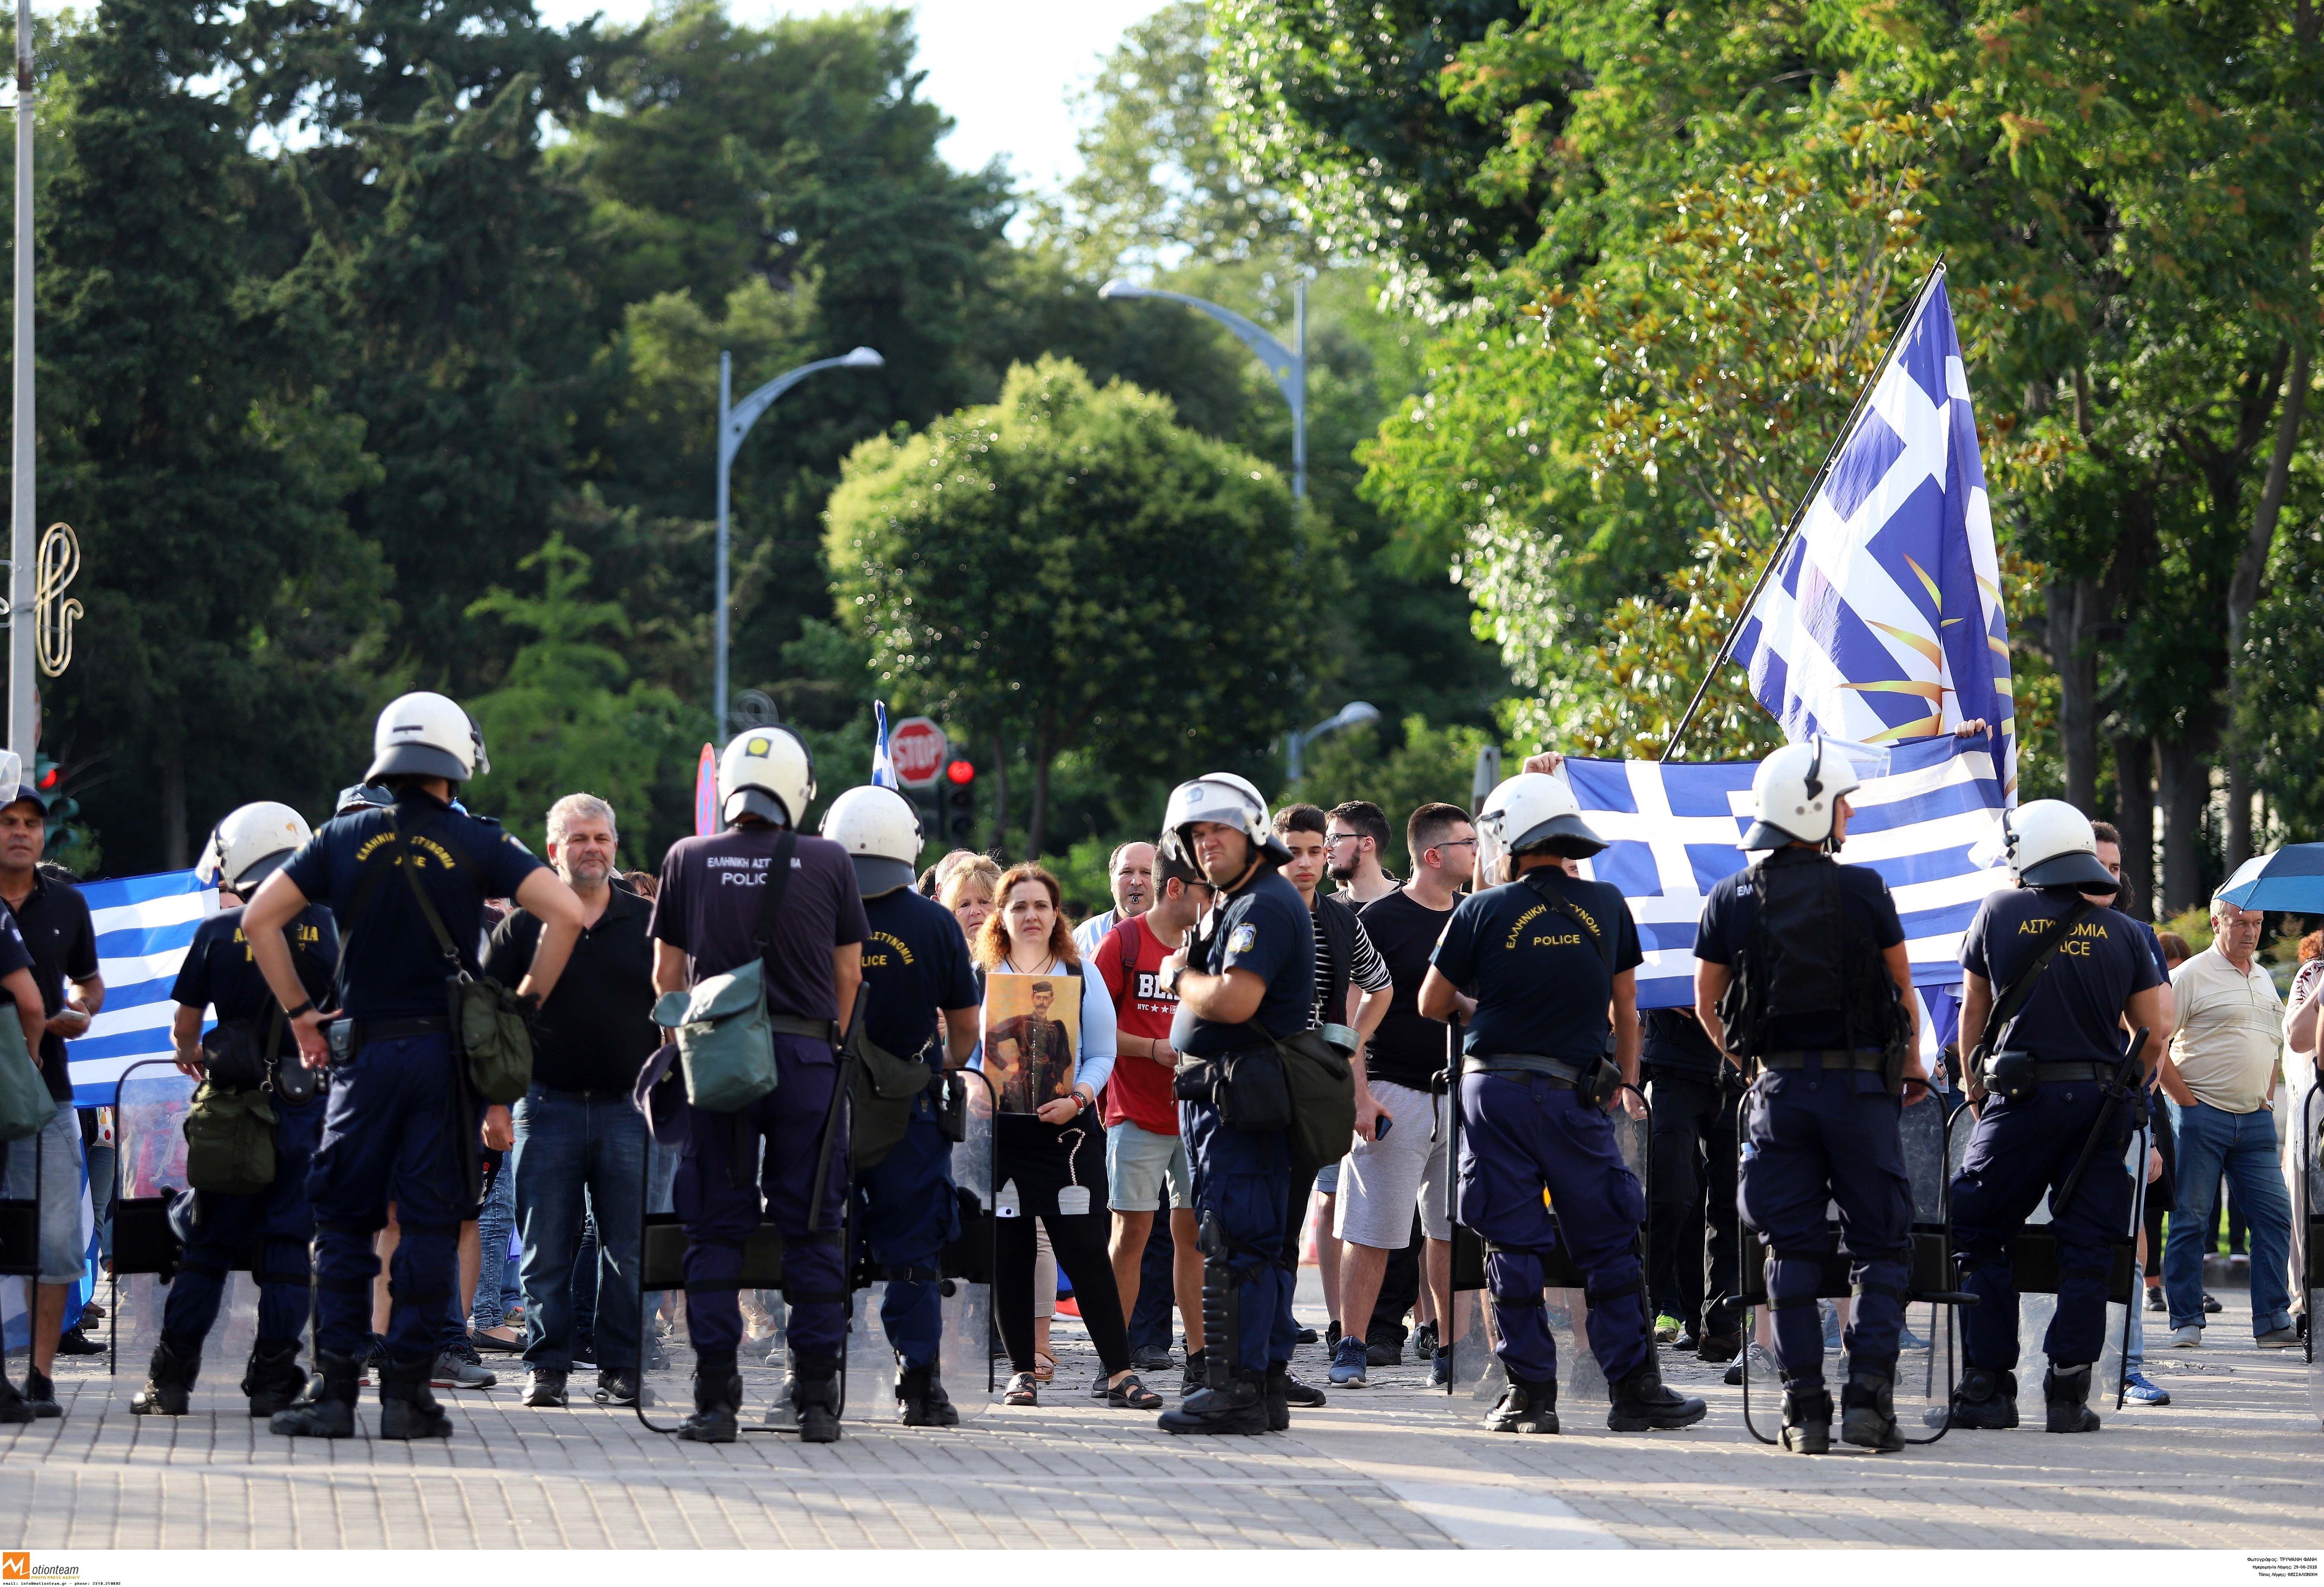 ΣΥΡΙΖΑ: Ο κ. Μητσοτάκης πρέπει να σταματήσει να καλύπτει τη φασιστική